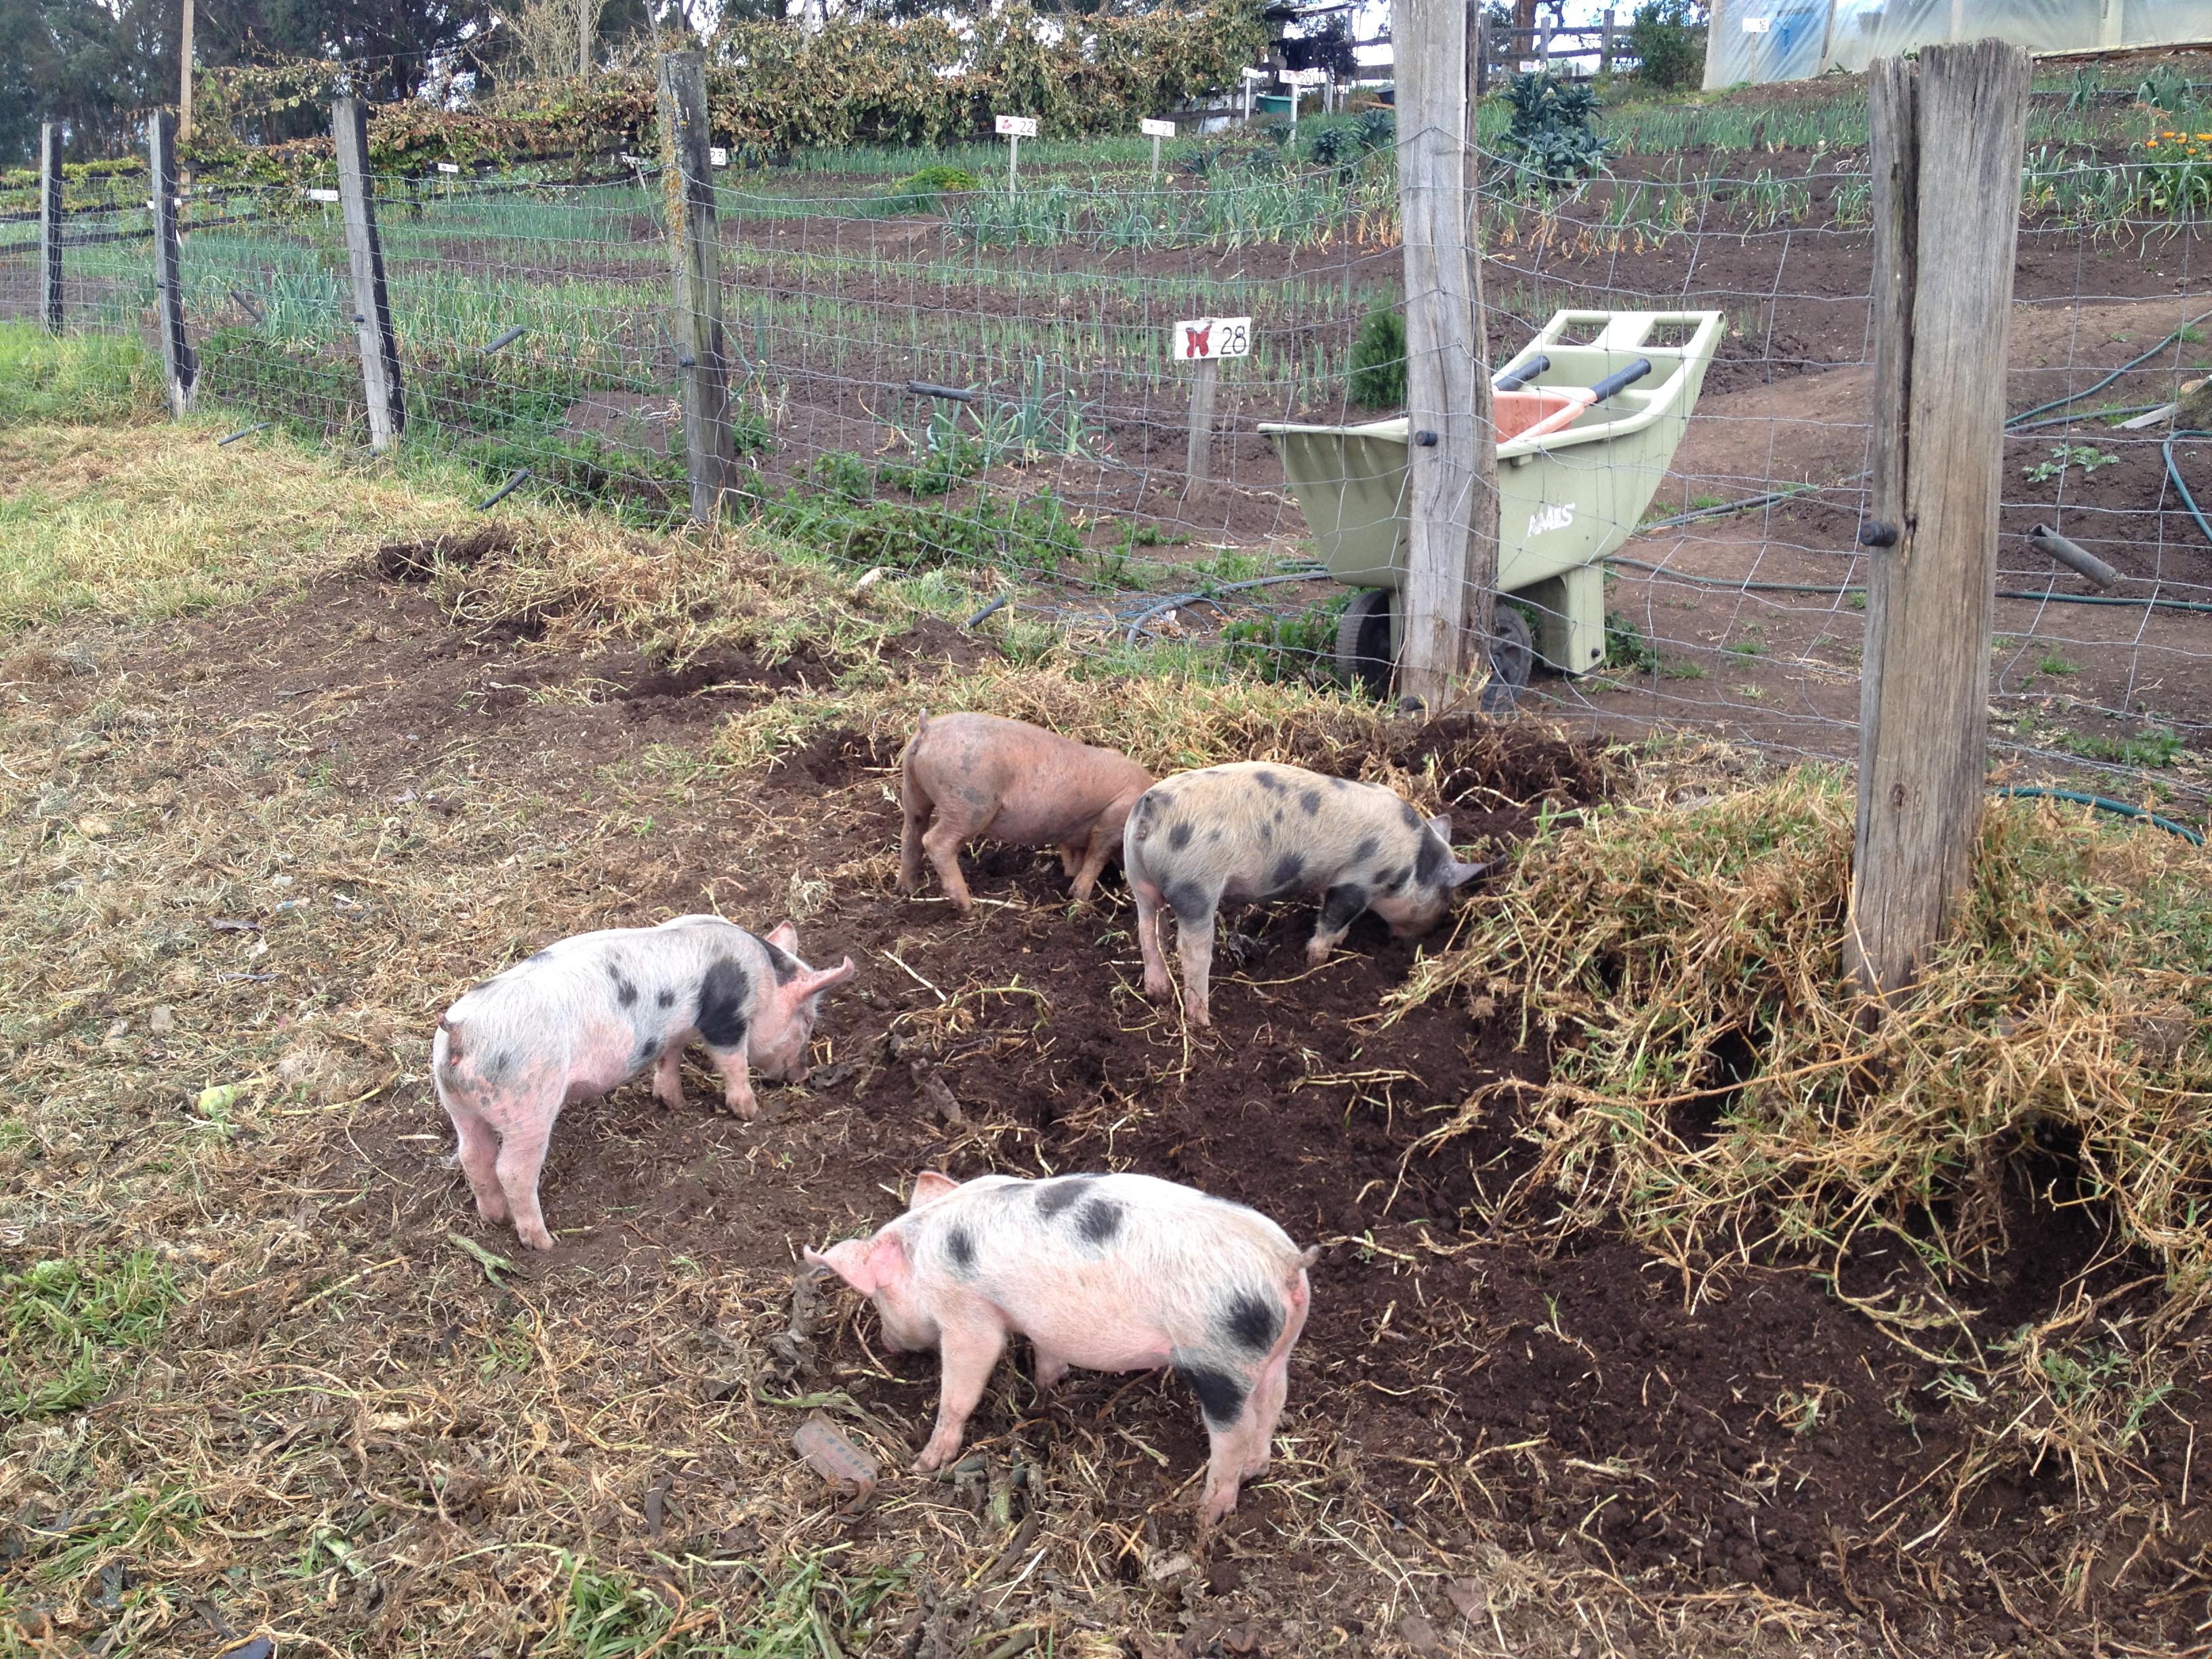 pig a to build x how feeder com hog